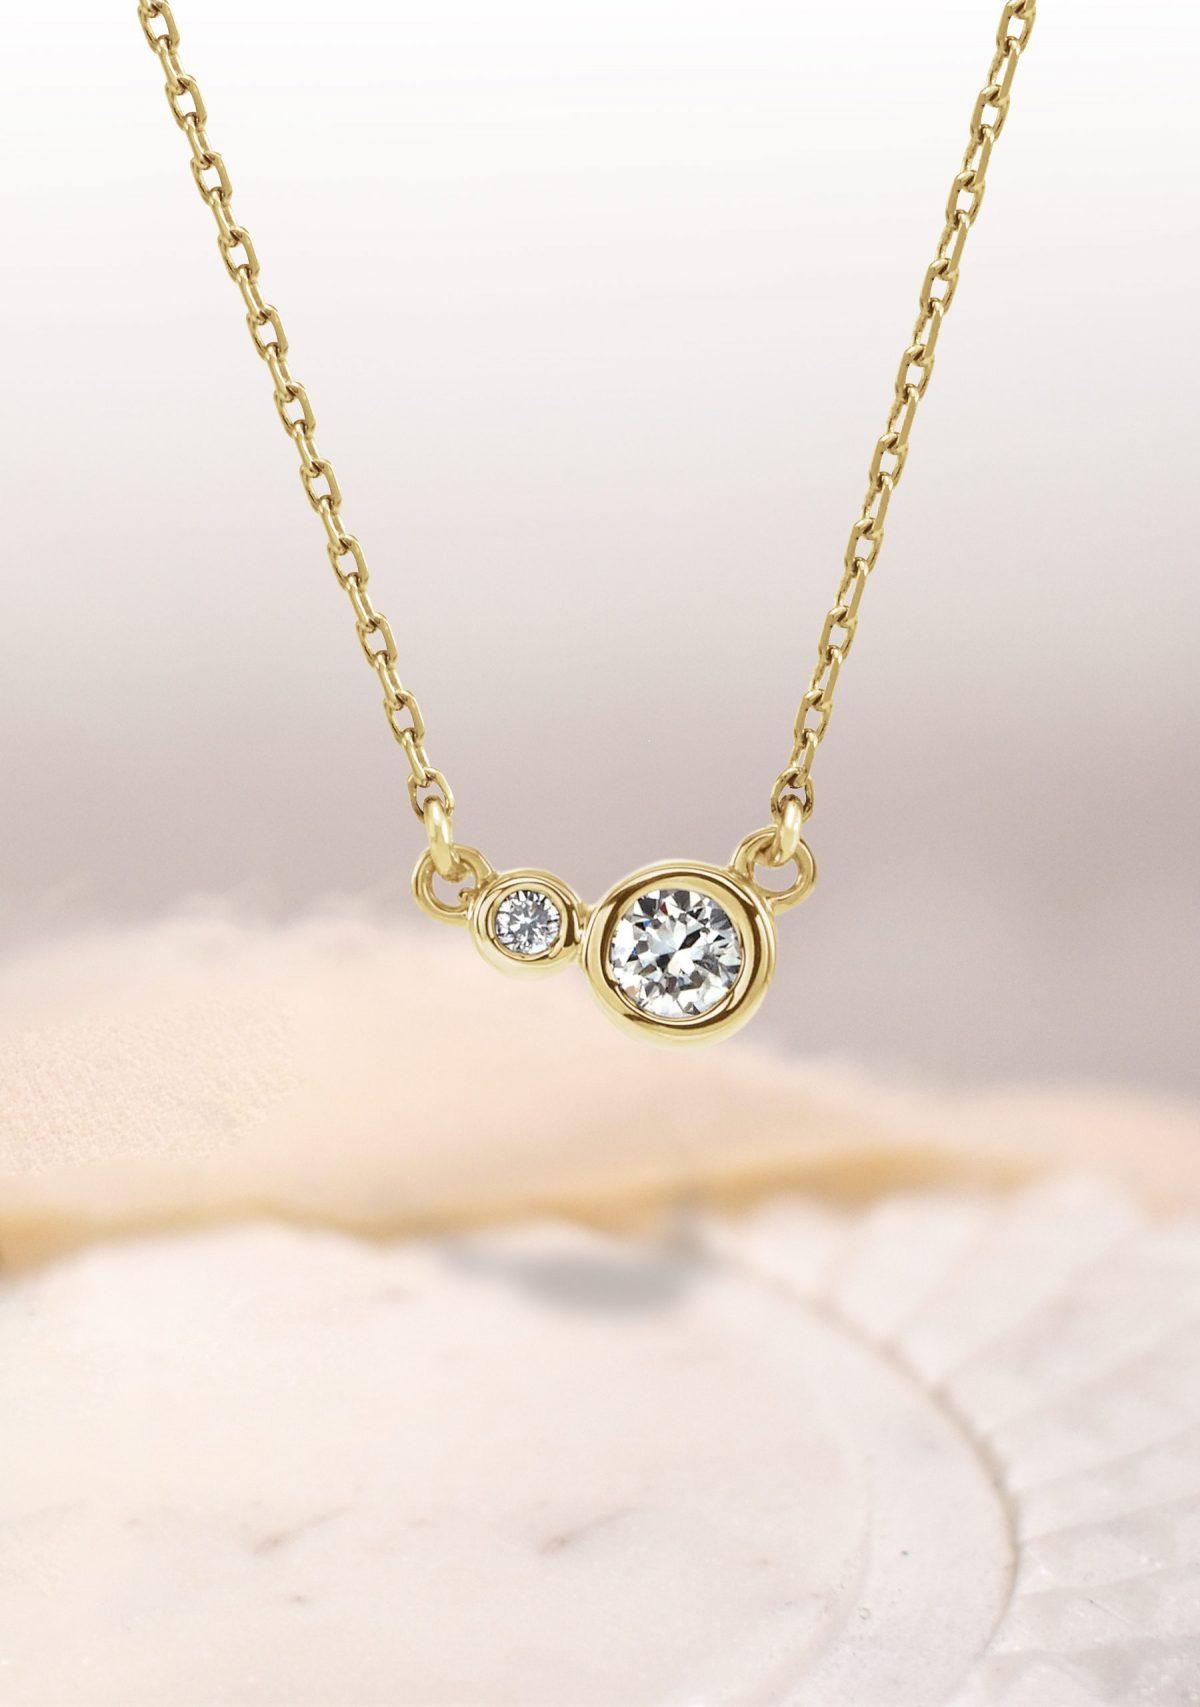 Gillie Diamond Bezel Necklace 14k